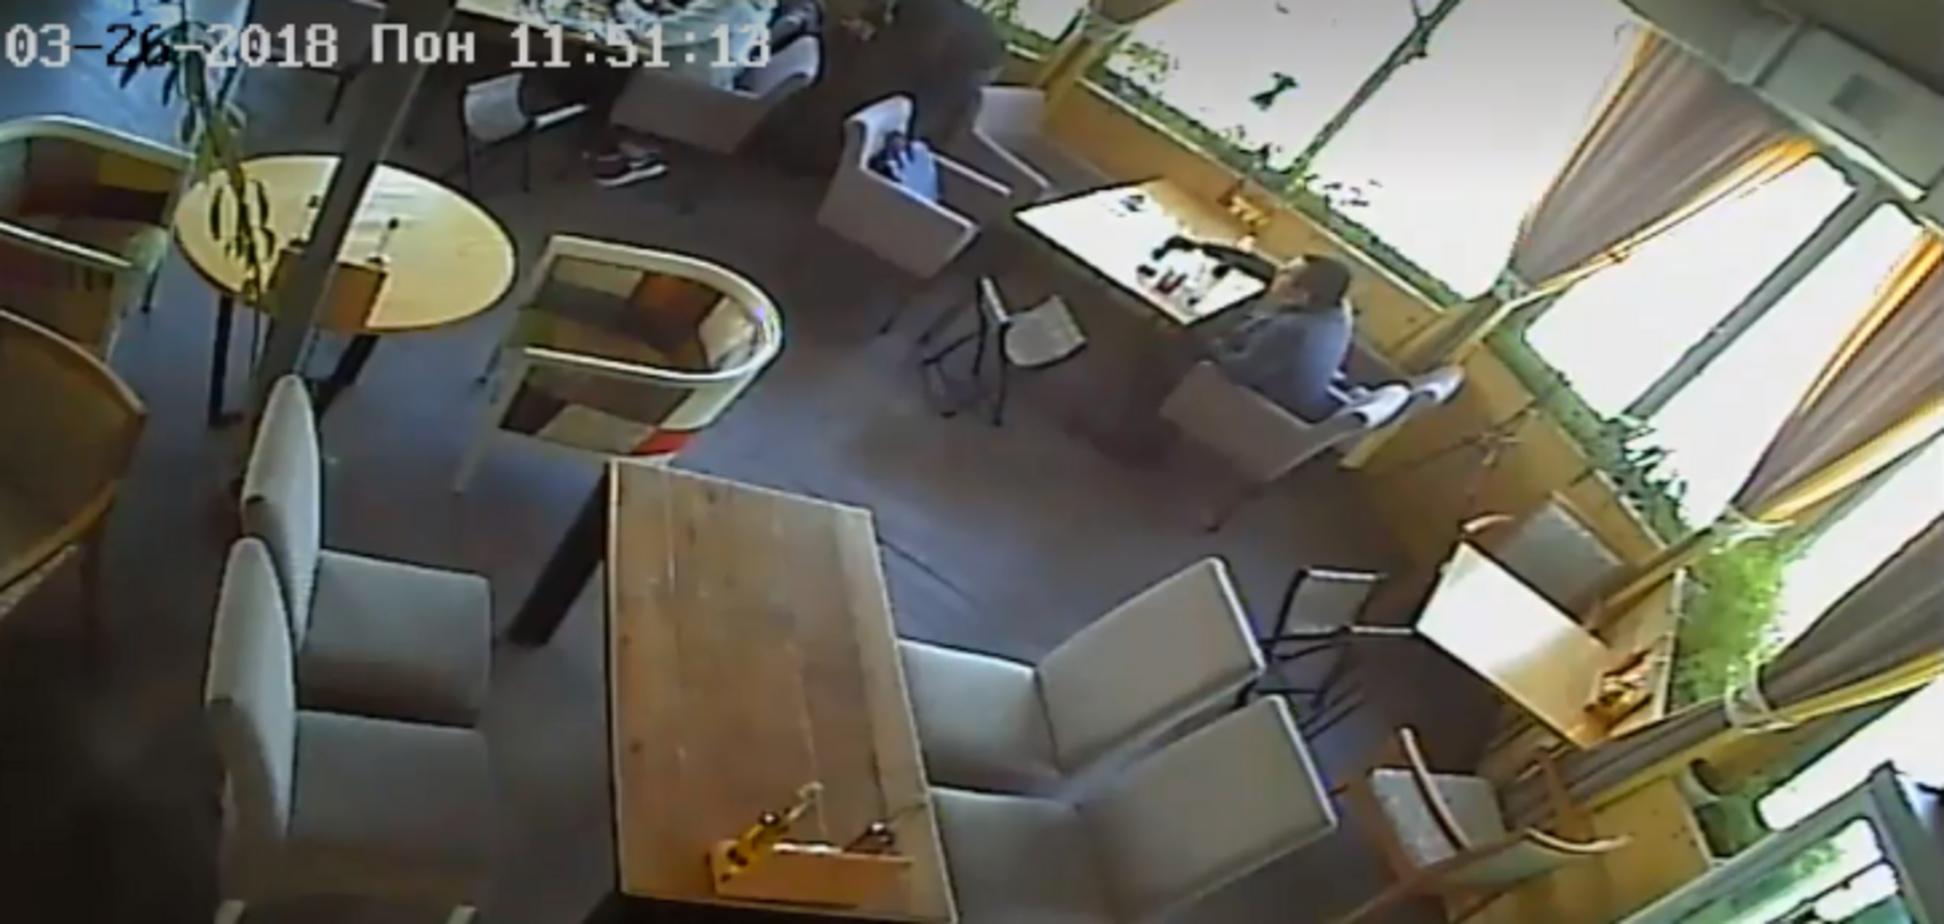 'Не буду їсти хачапурі': у Києві нахабні злодії потрапили на камери